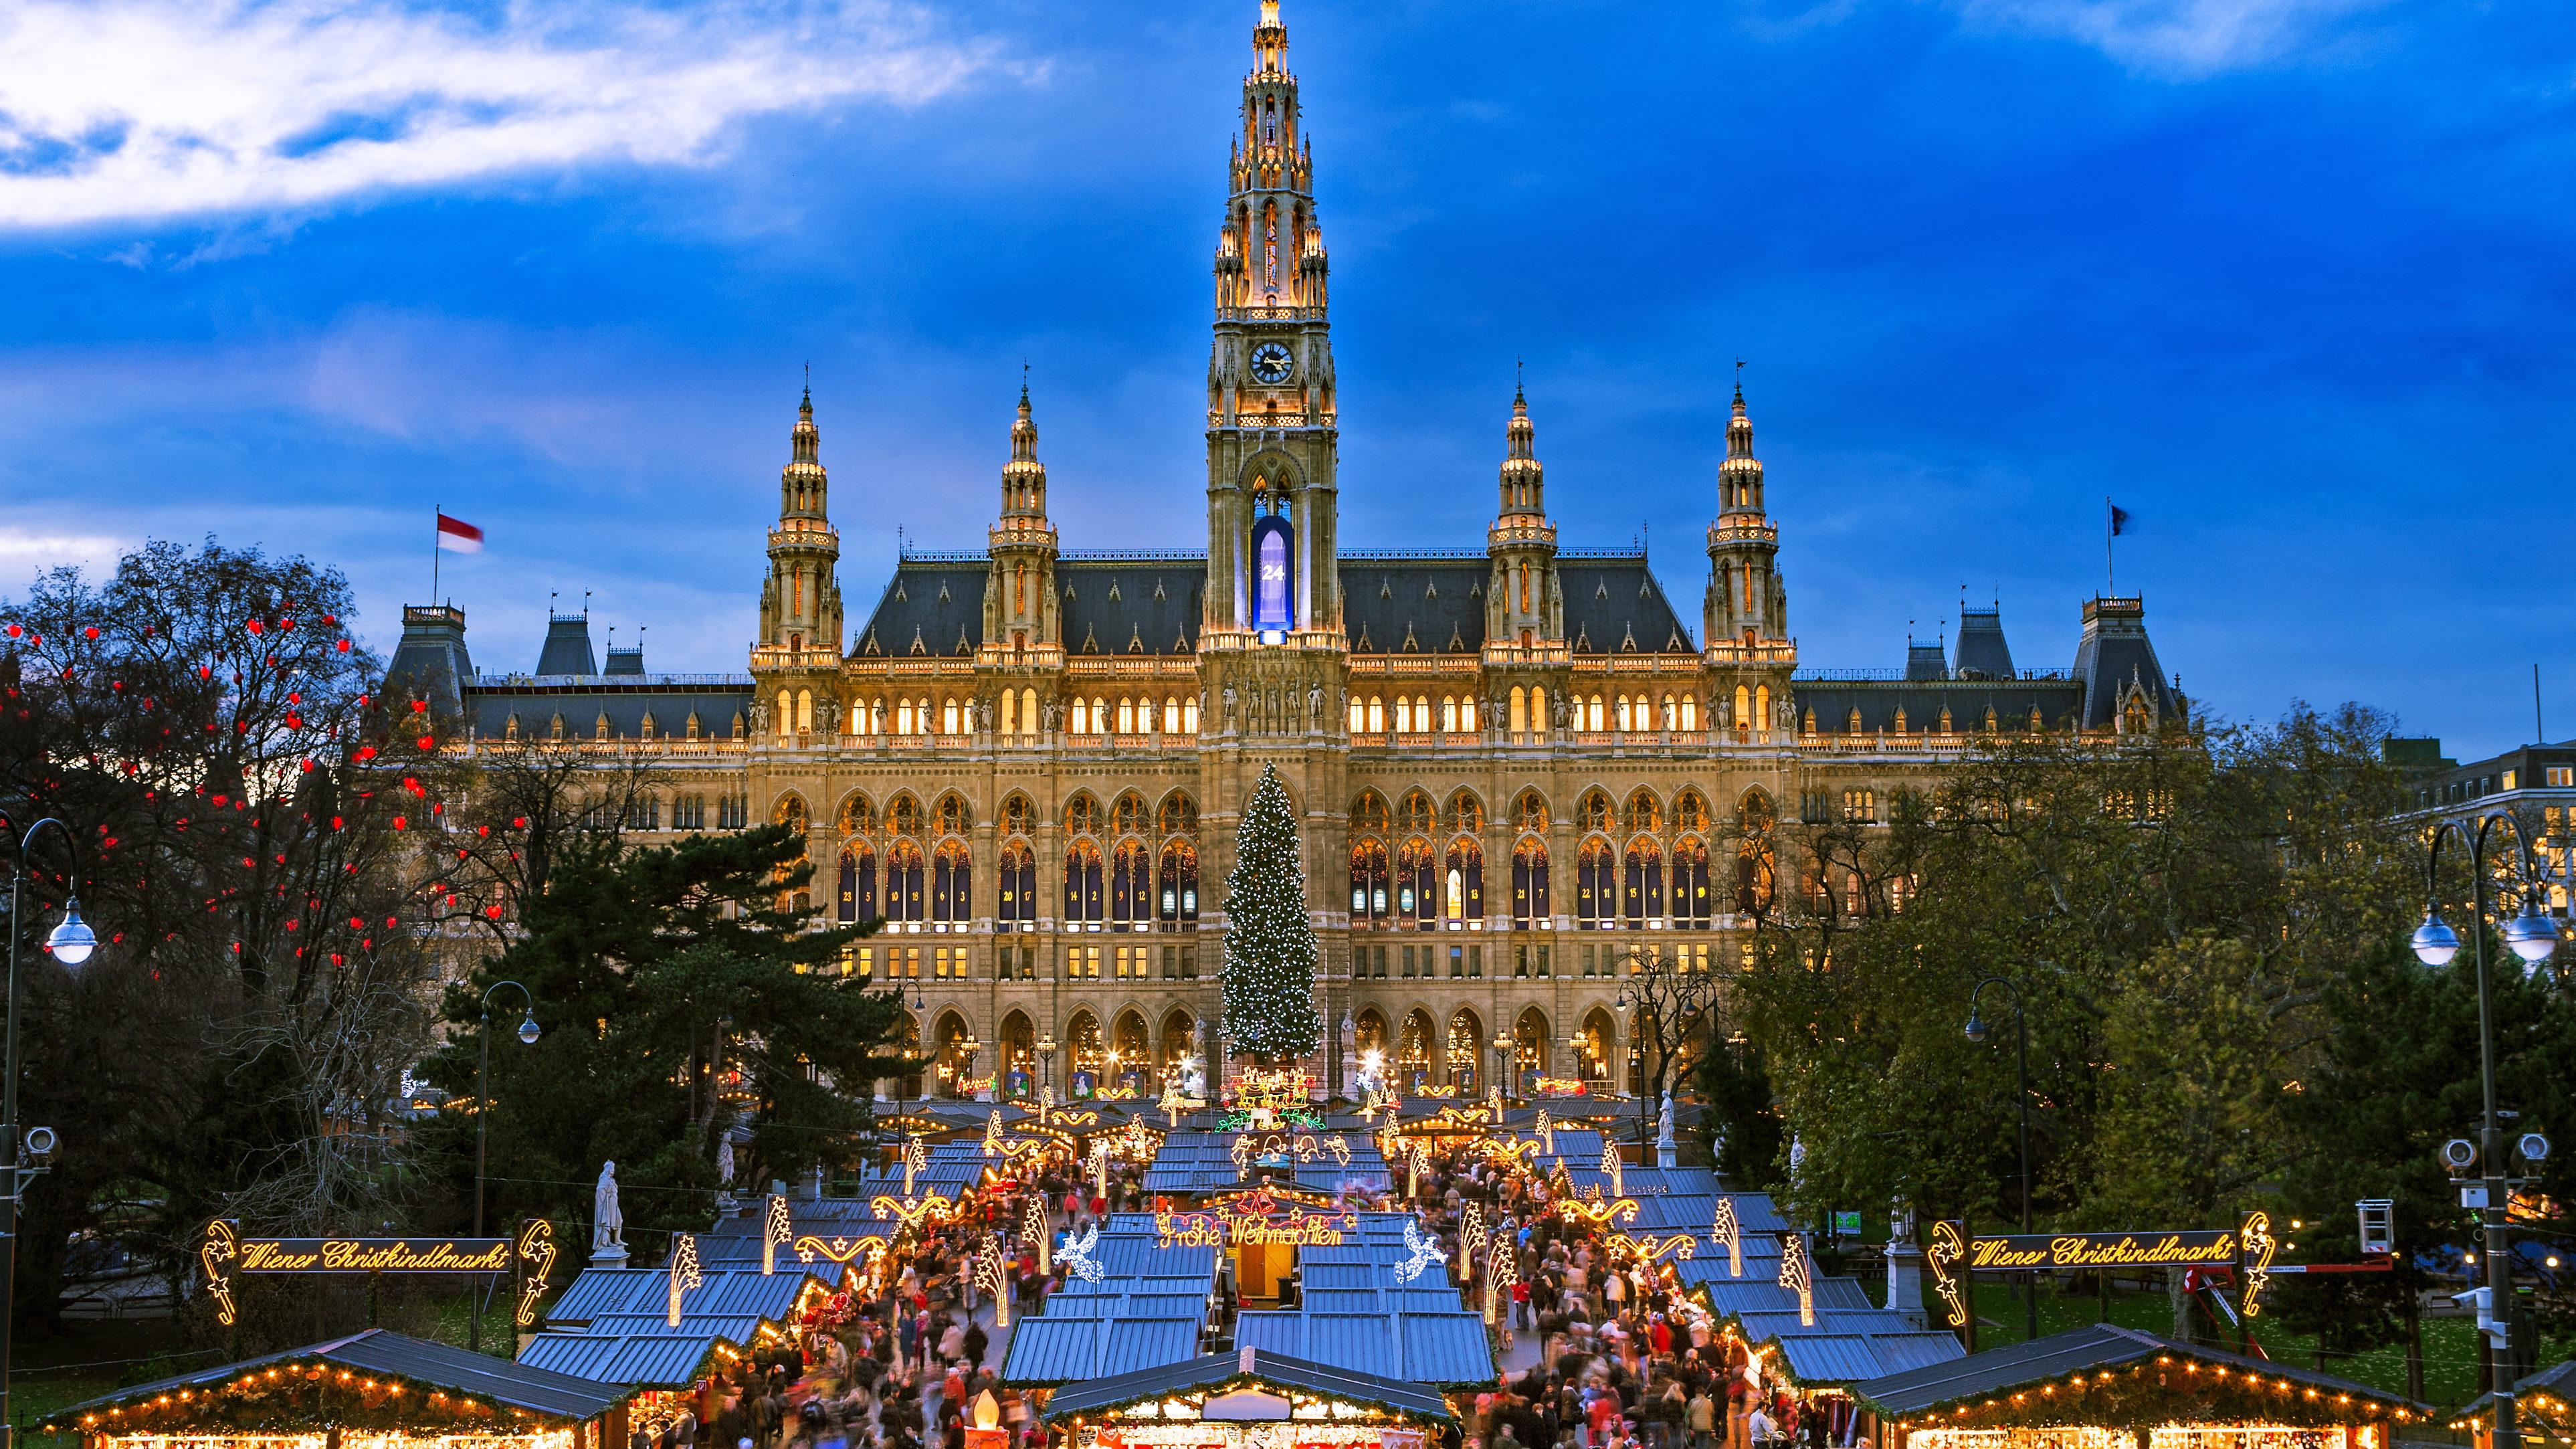 Weihnachtsmarkt Wien Eröffnung.Die Schönsten Wiener Christkindlmärkte Krone At